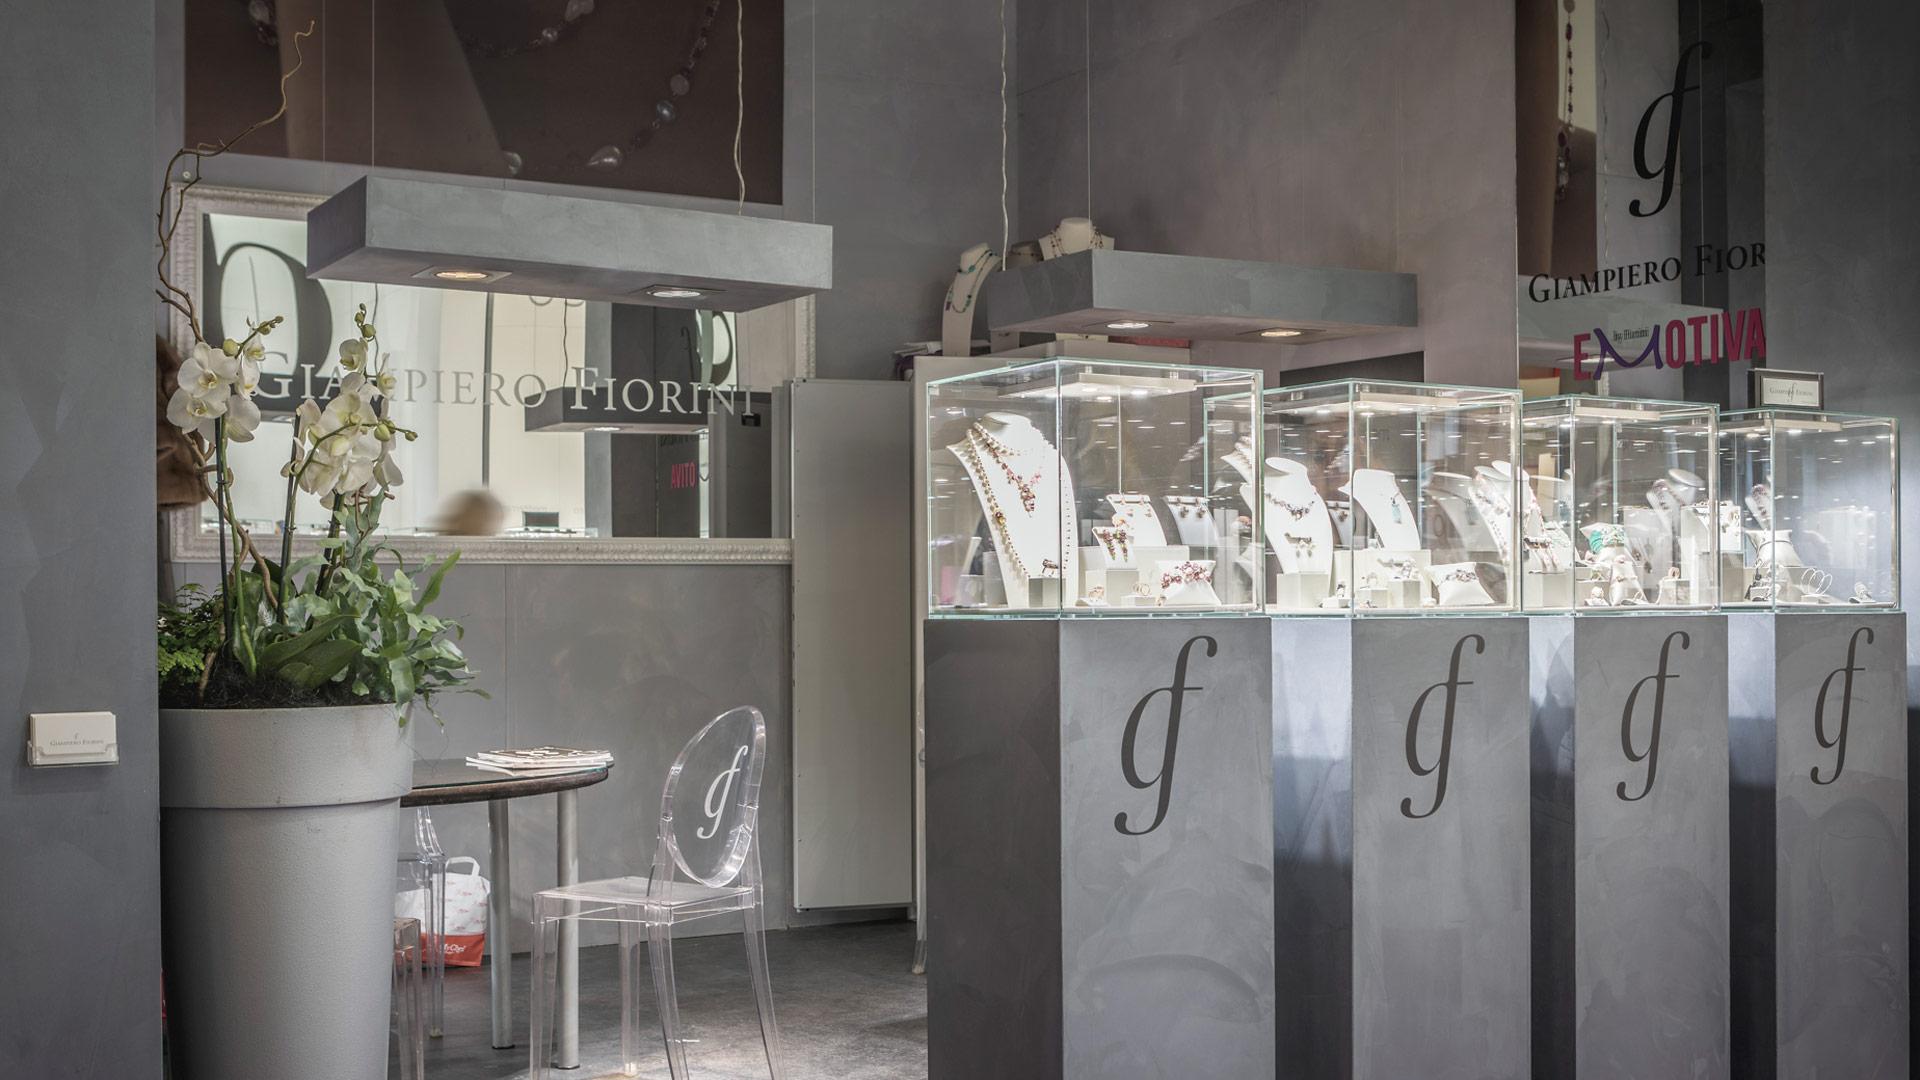 Giampiero Fiorini Exhibition stand - VICENZAORO fair trade | Foster Allestimenti 01